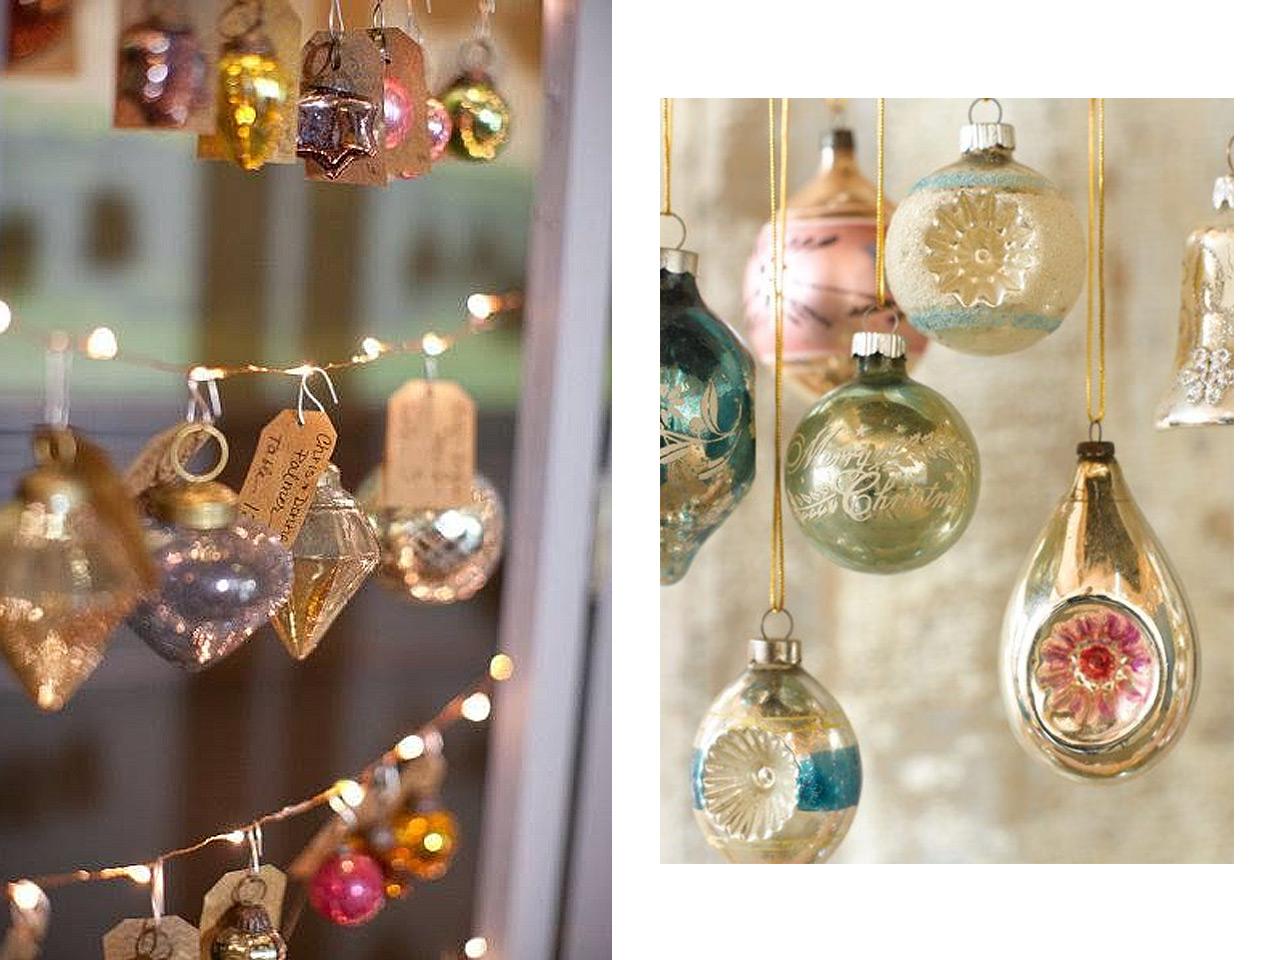 Decoraci n vintage para hacer la navidad a n m s bonita - Bolas de decoracion ...